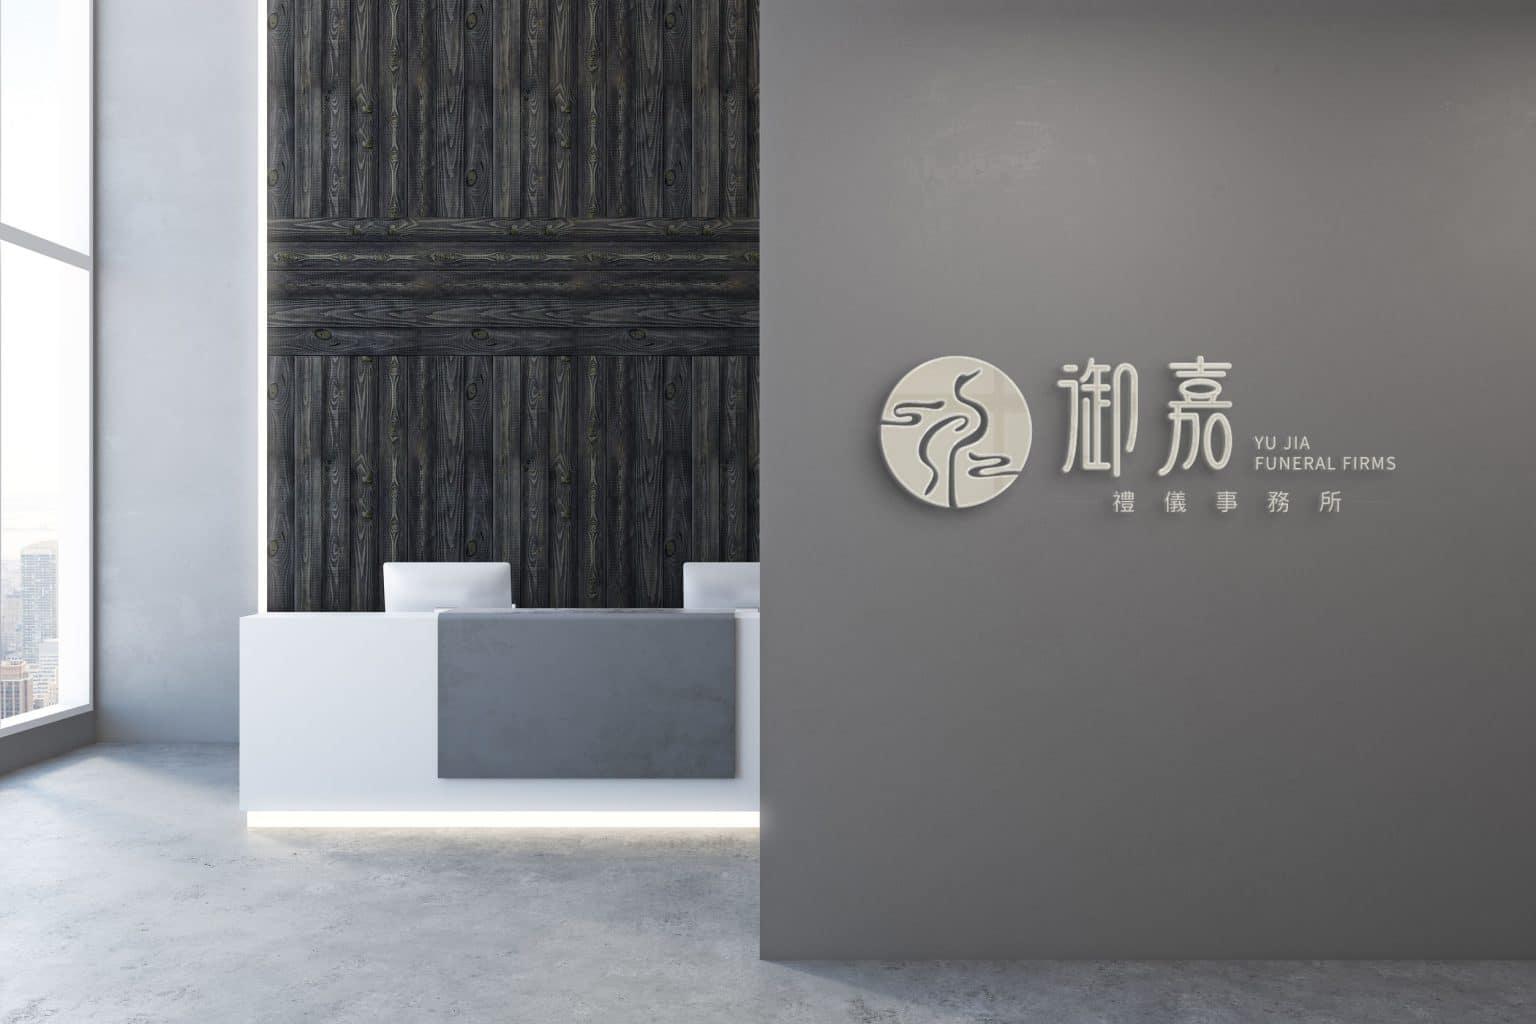 御嘉禮儀事務所 LOGO設計 品牌設計 形象設計 商標設計